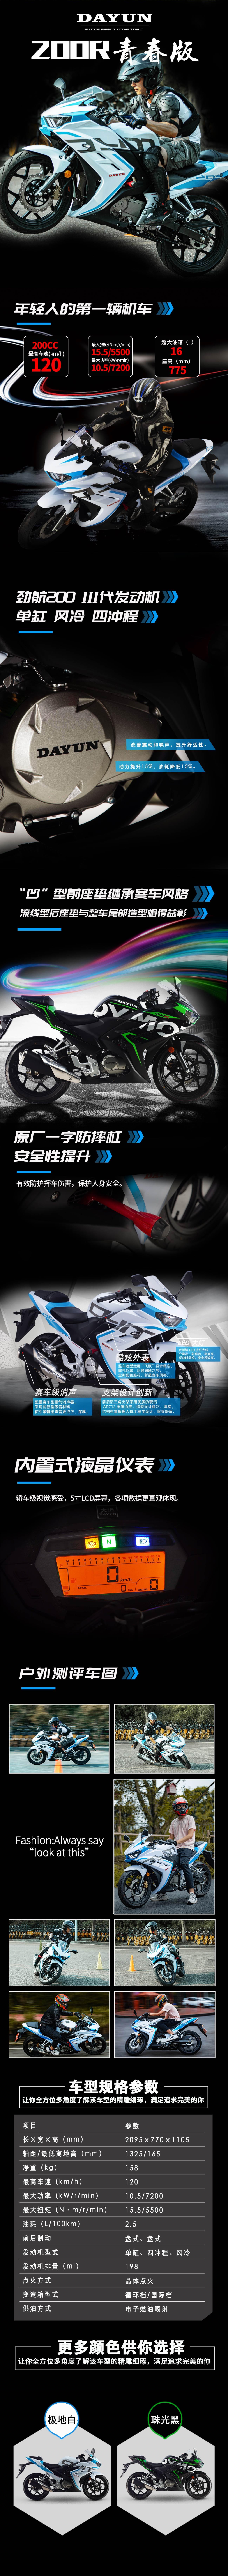 DY200-5F 哈罗小.jpg